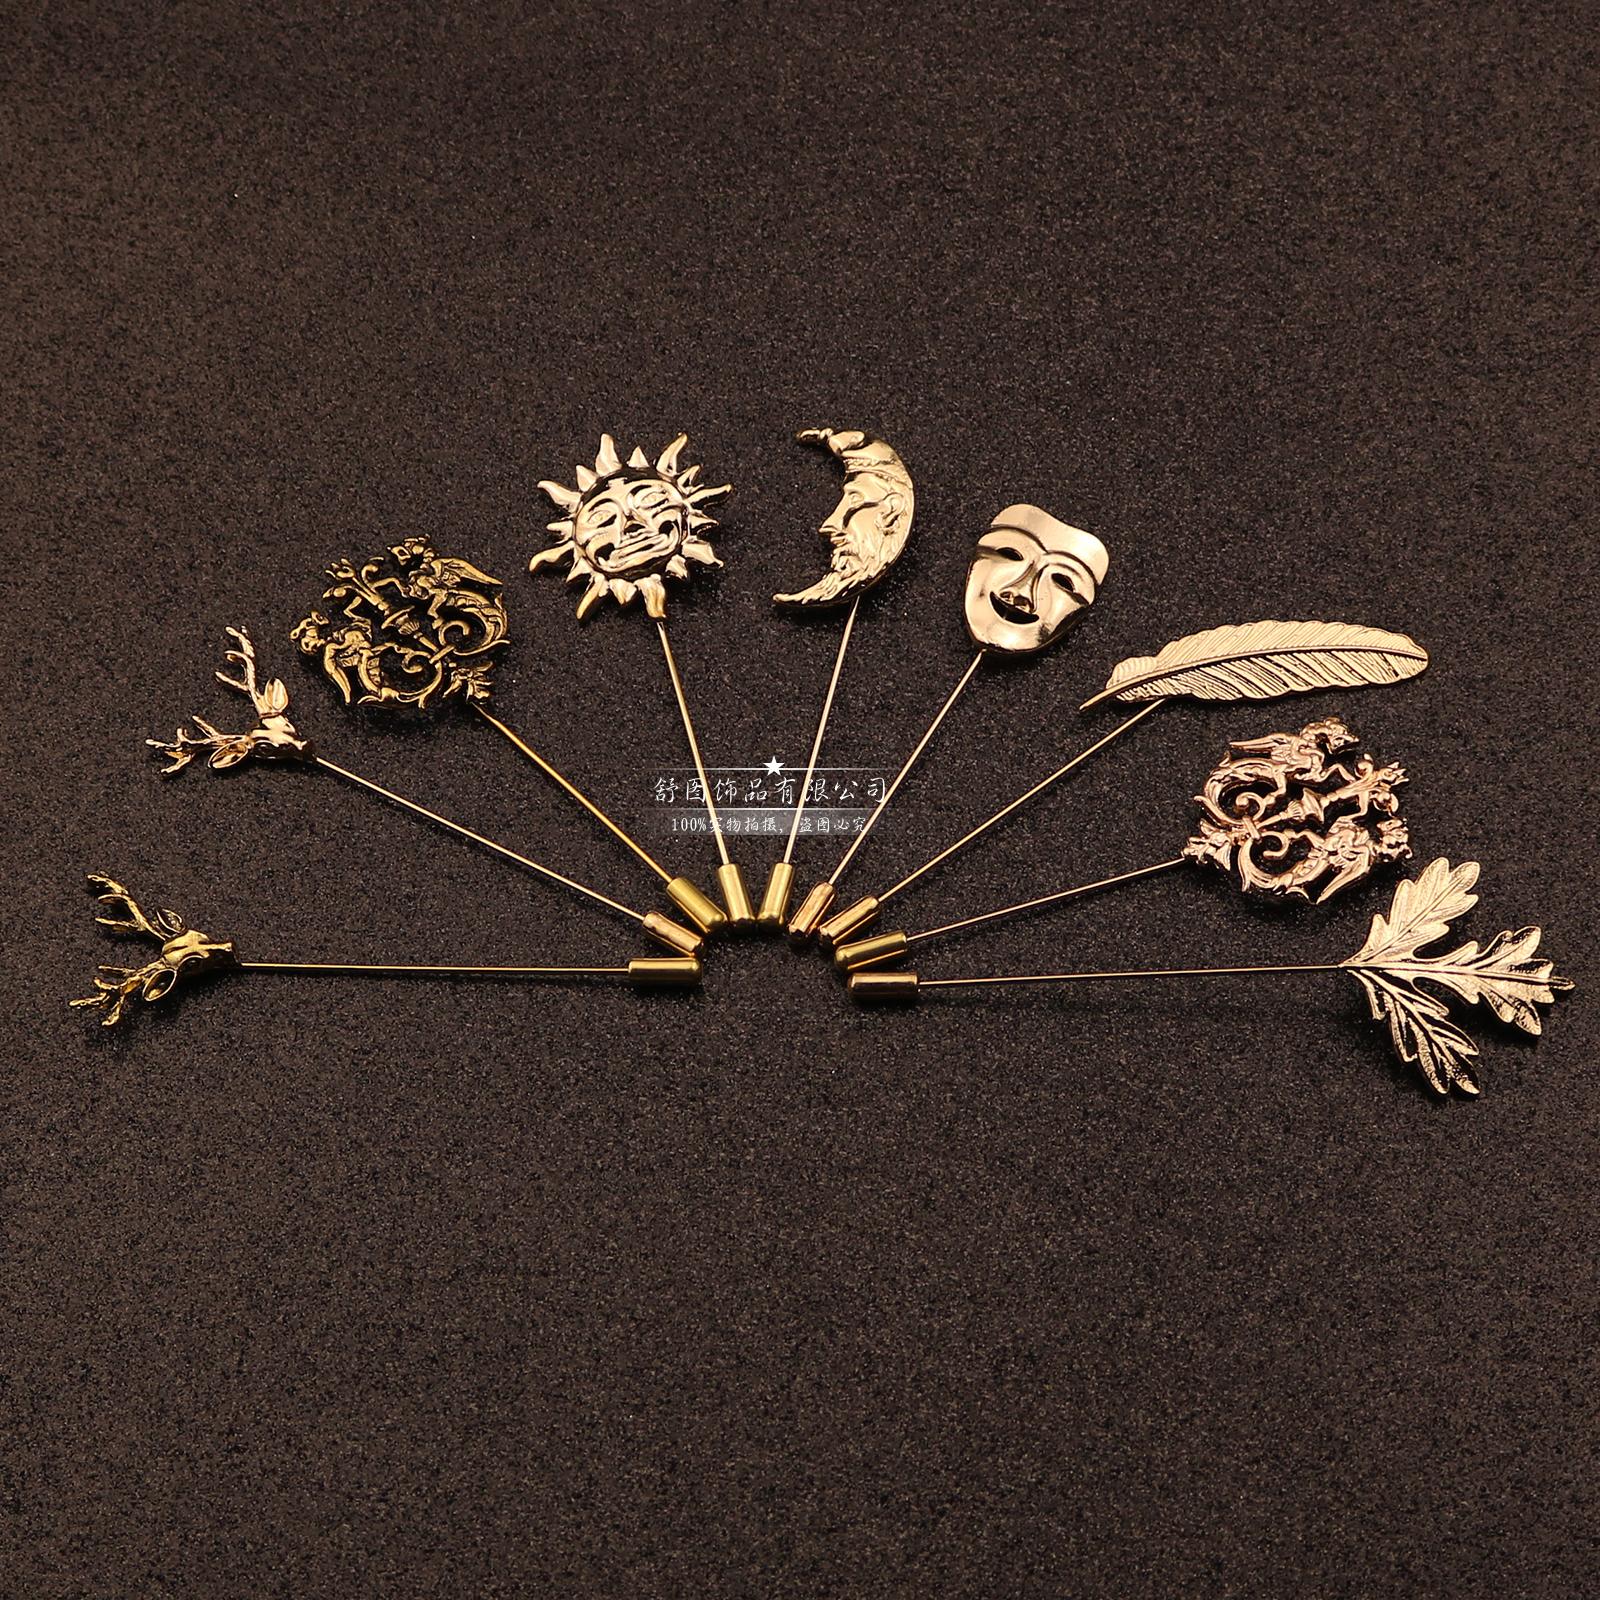 韓版楓葉羽毛鹿角珍珠胸針 男士西裝女士毛衣披肩扣長針別針胸花